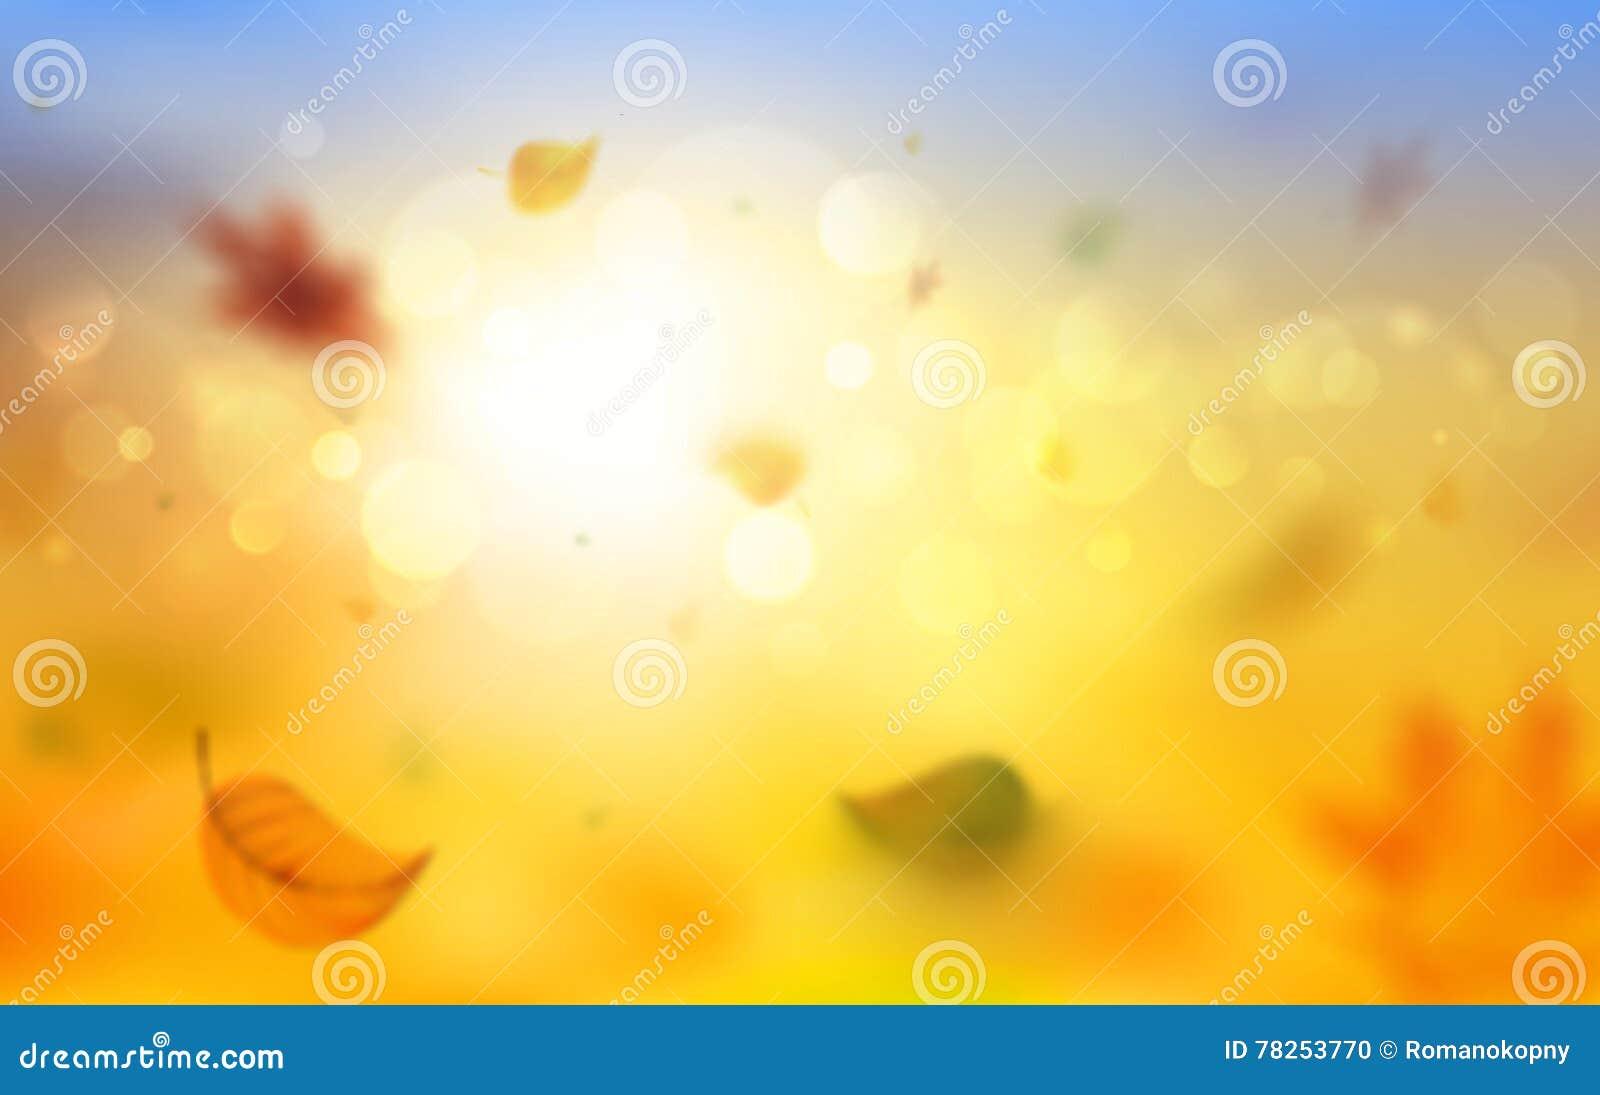 του 2008 αέρα φθινοπώρου το ξηρό φύλλο αλσών πτώσης χρυσό φεύγει κοντά στις δρύινες Ρωσία στροφές Οκτωβρίου που κίτρινος